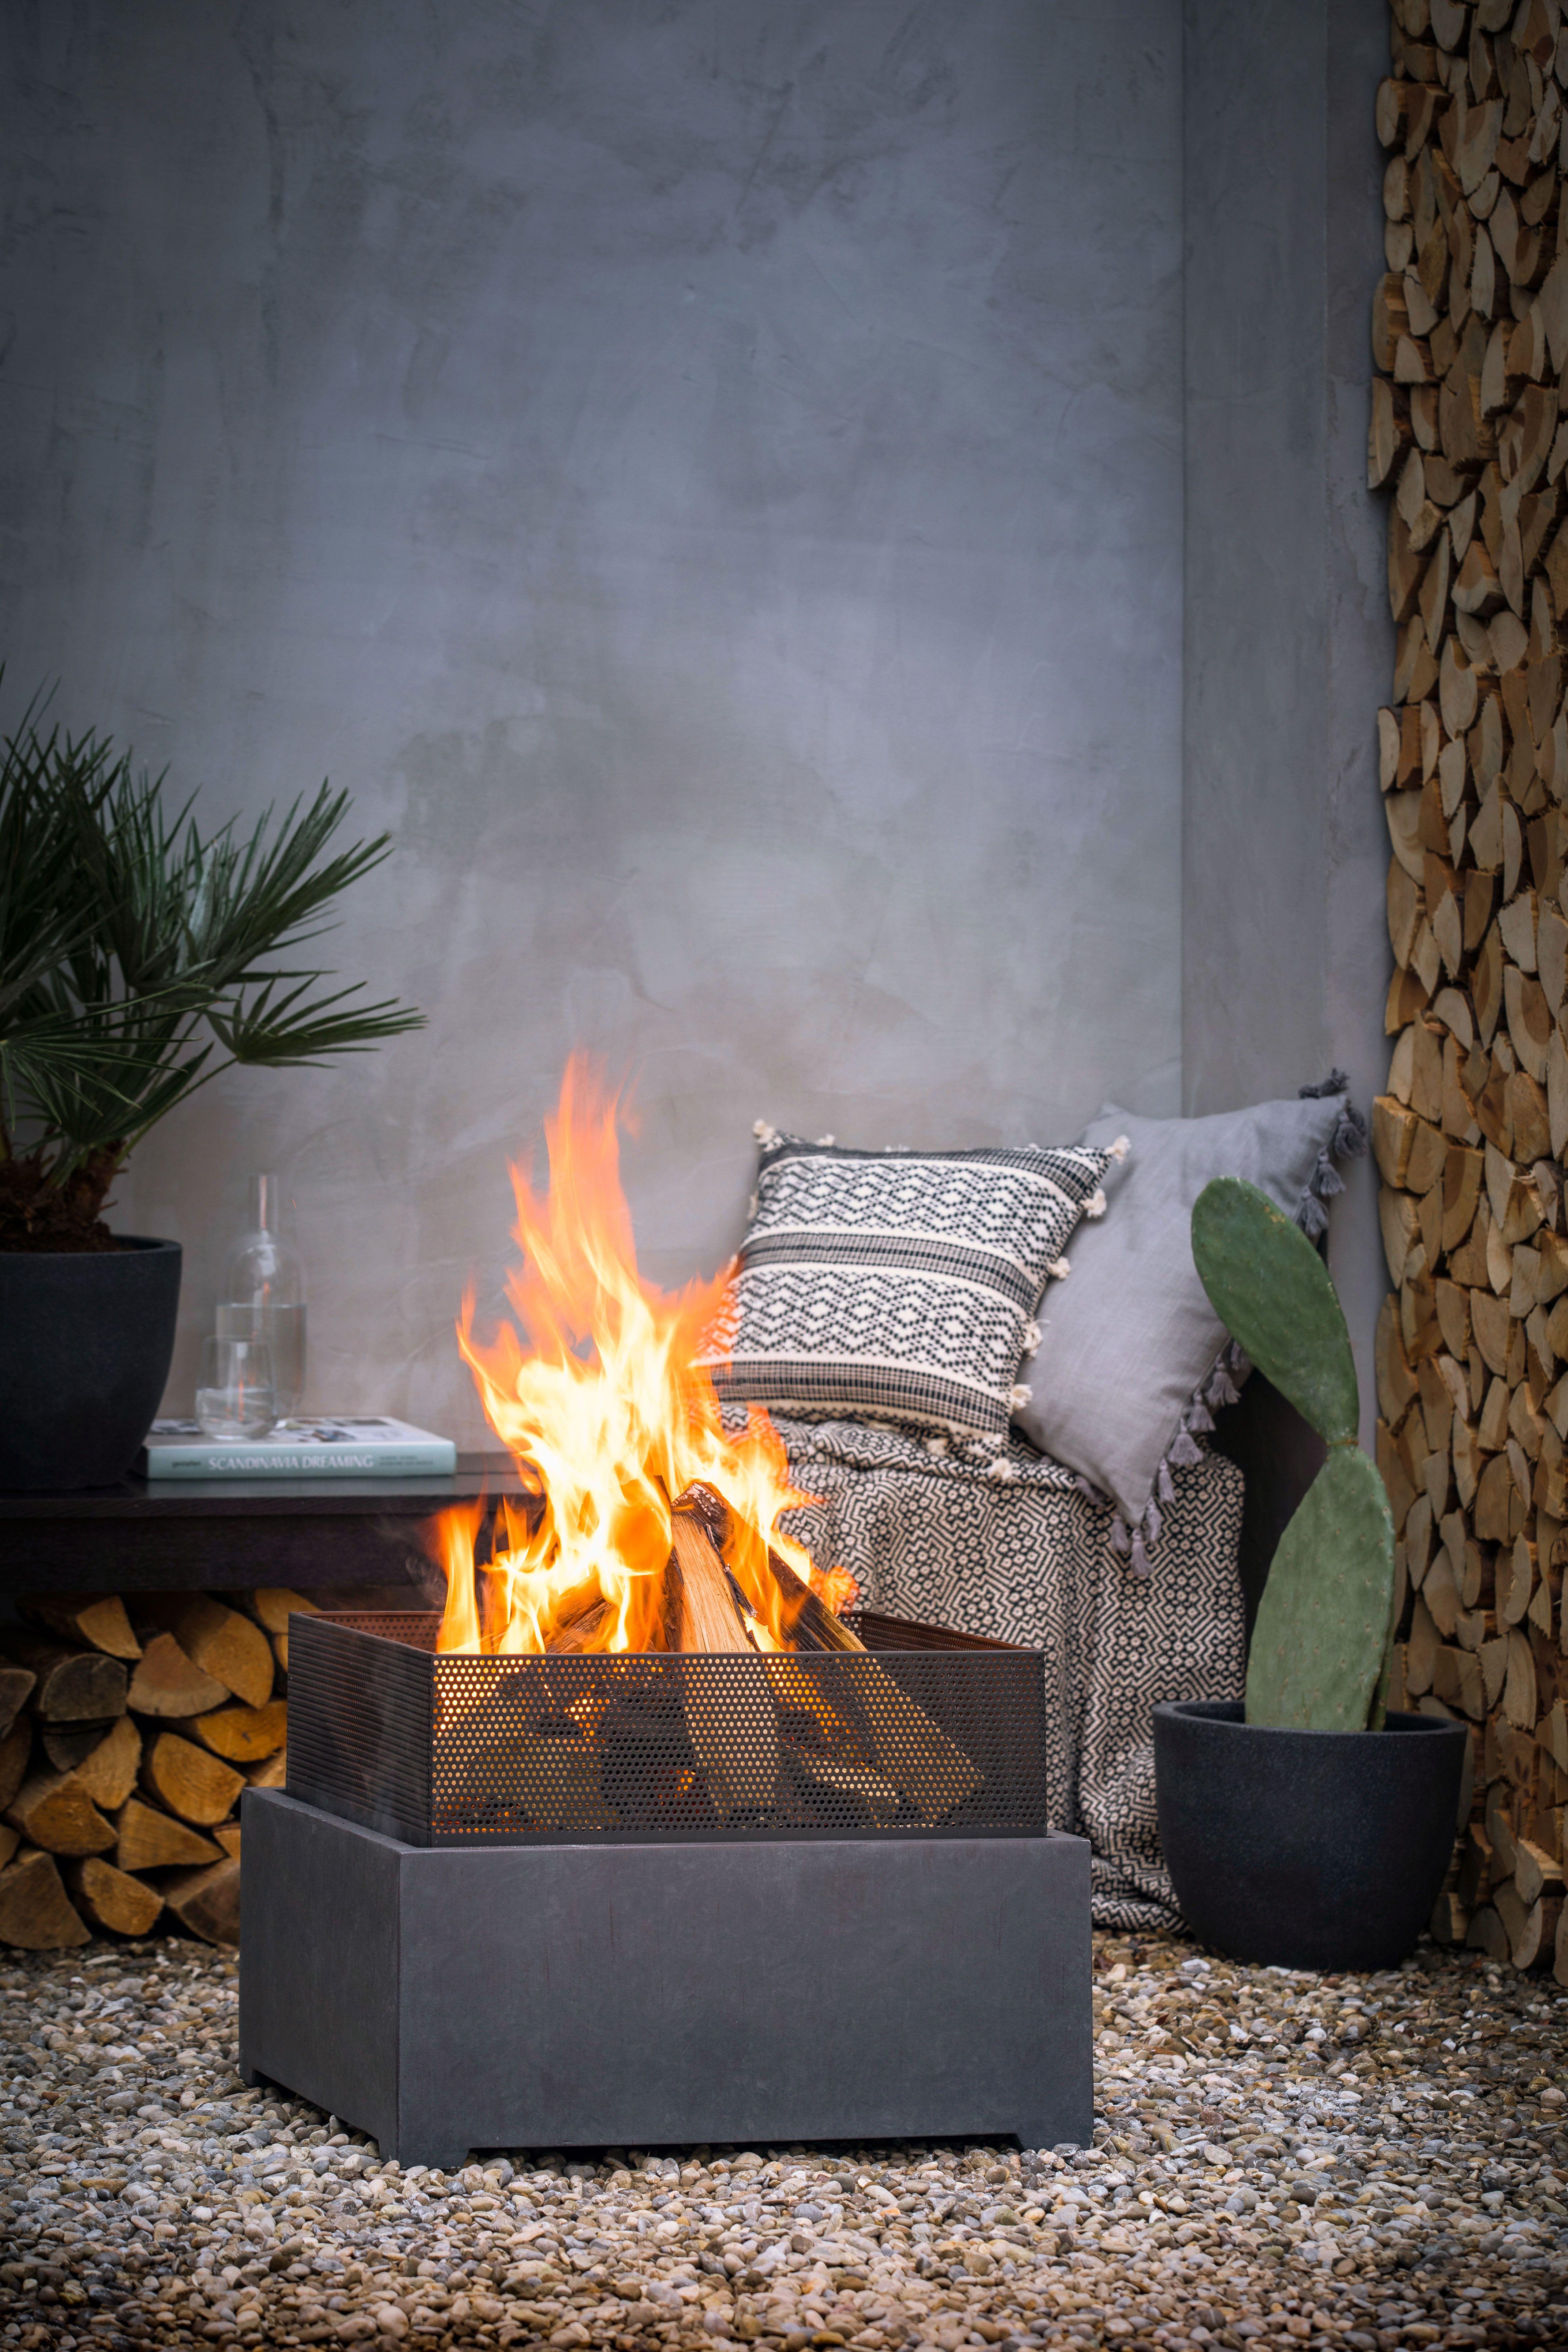 Lagerfeuer Fur Eine Gemutliche Atmosphare Feuerschale Feuerschalen Garten Feuerstelle Garten